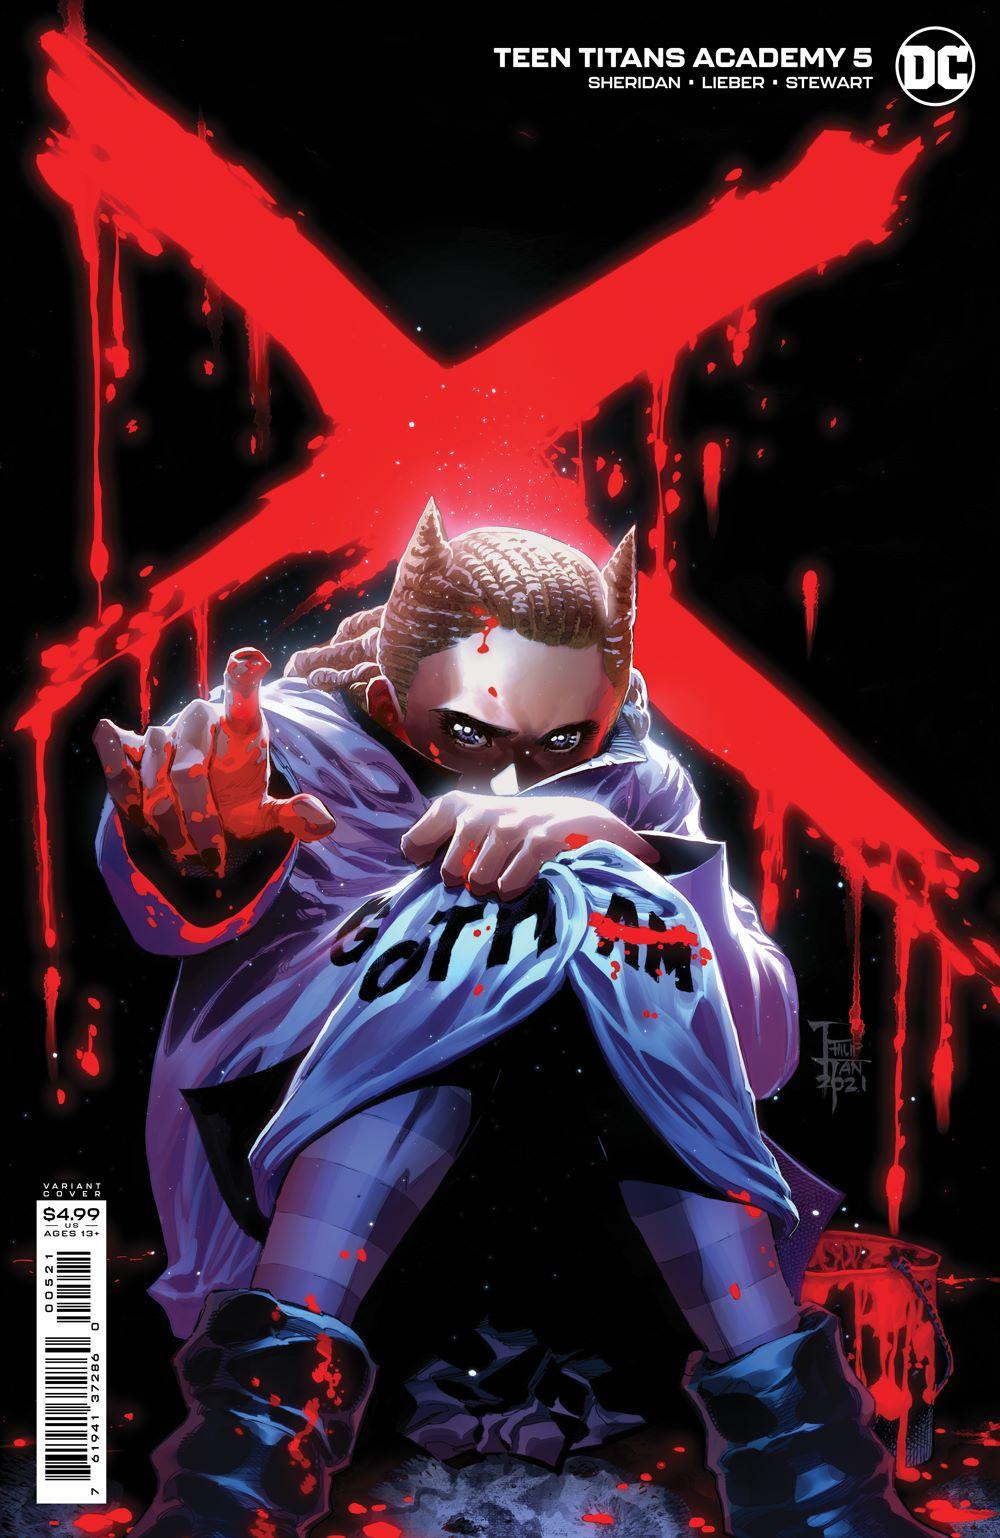 TT_ACADEMY_Cv5_var DC Comics July 2021 Solicitations